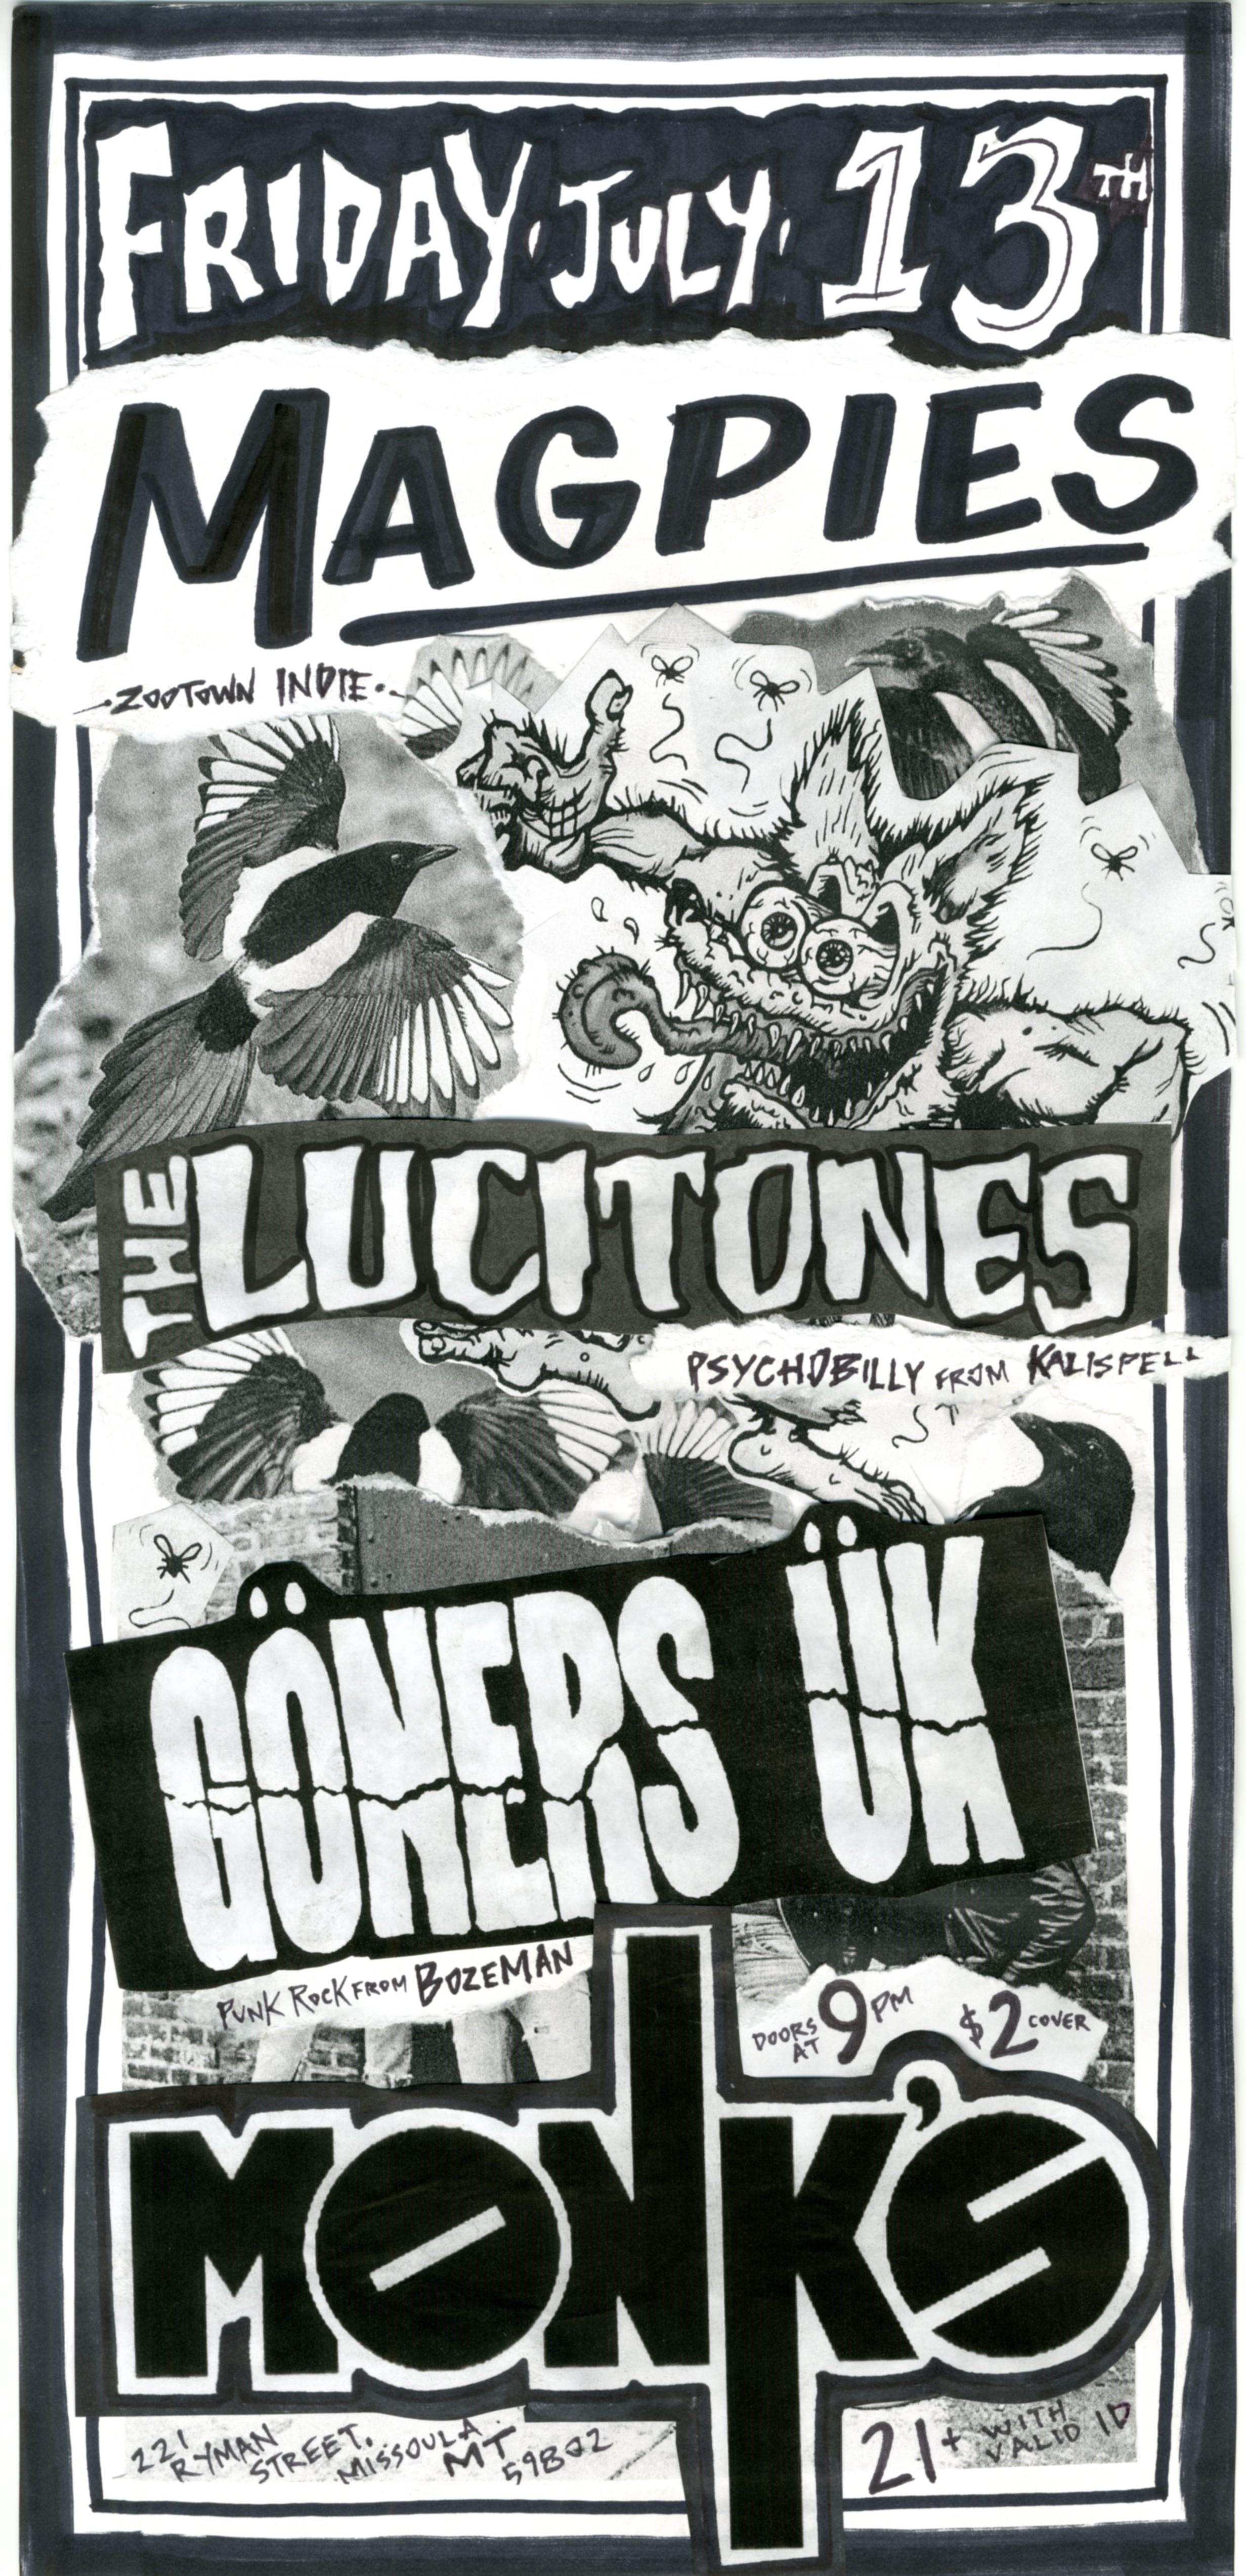 Lucitones056